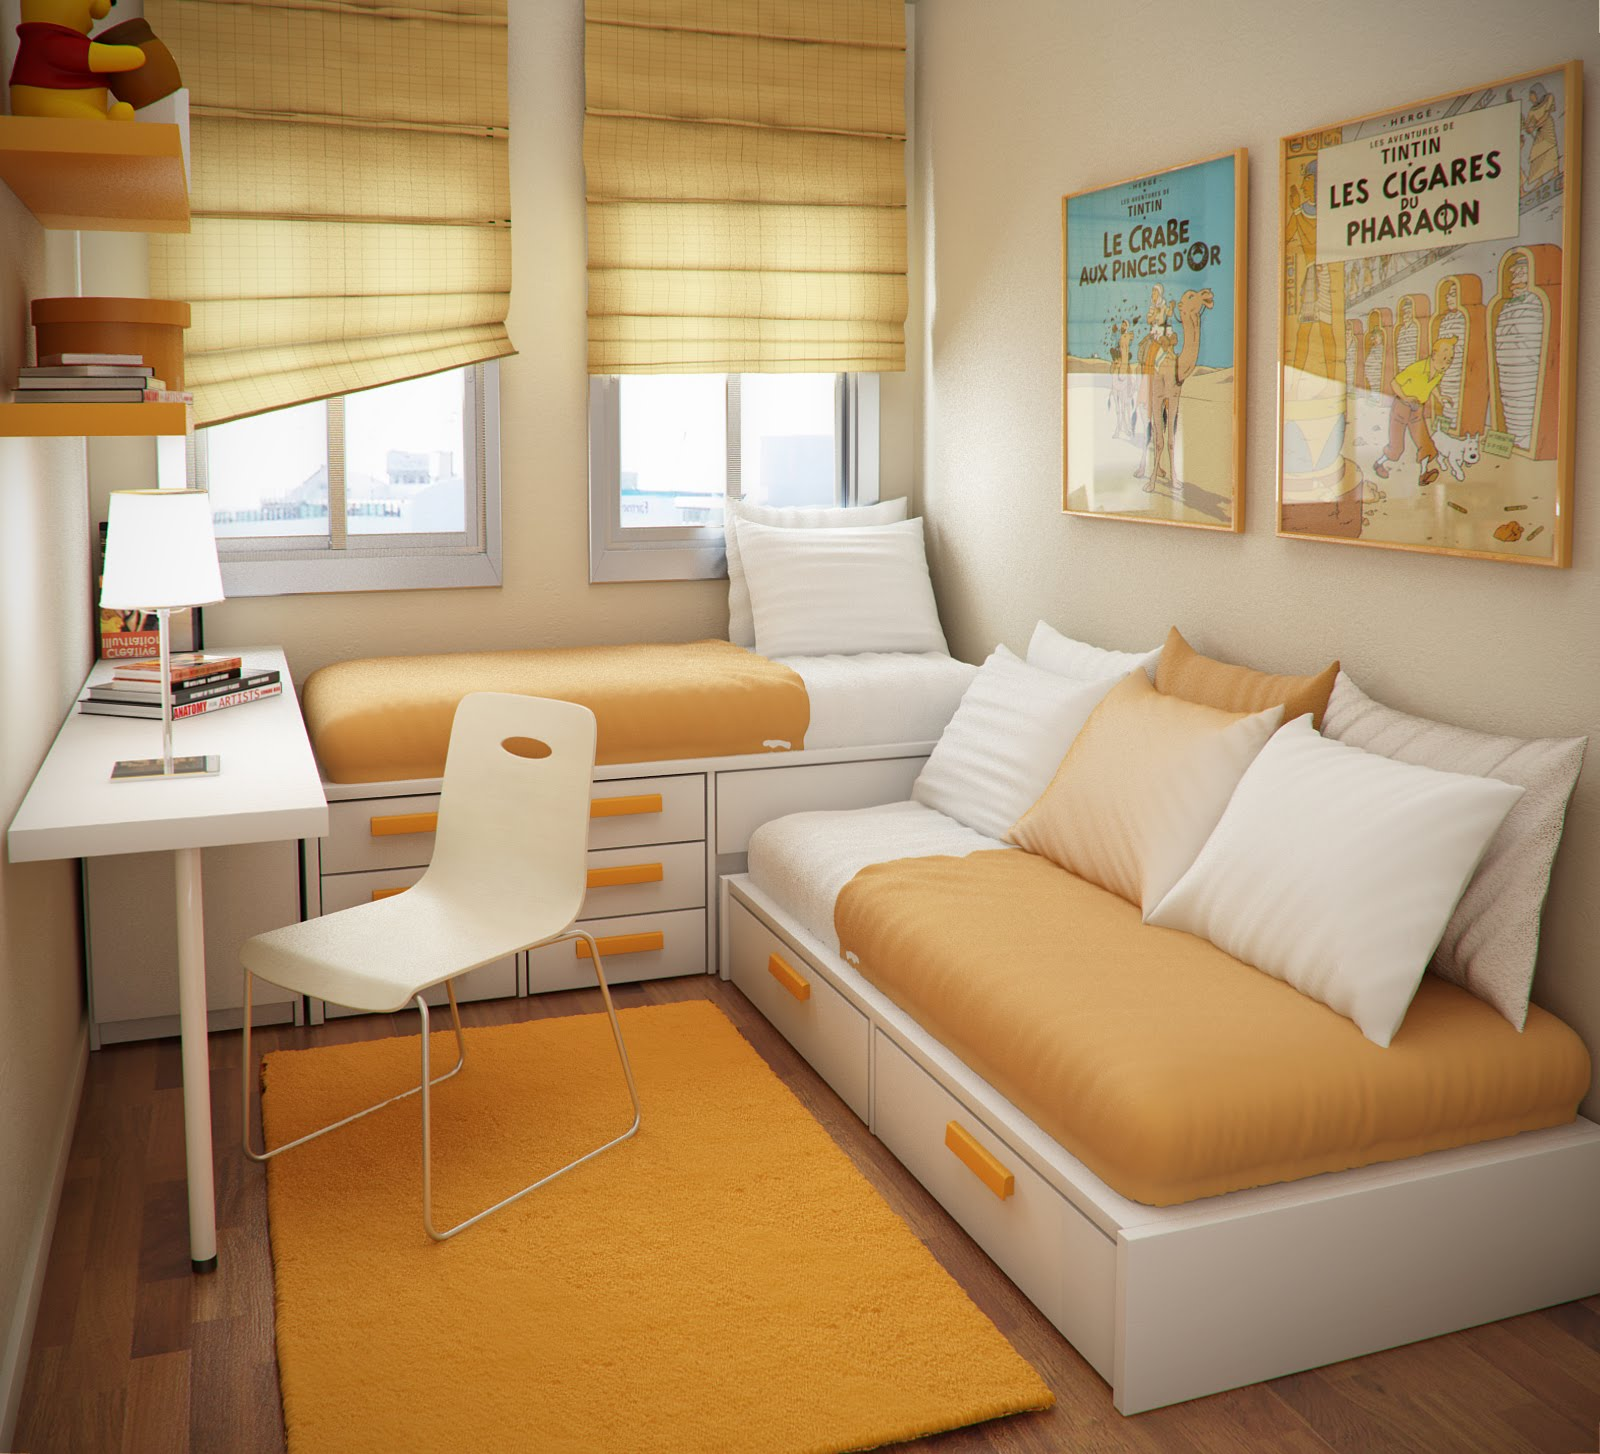 Dicas Como Decorar Apartamentos Pequenos Art Maison  ~ Decoração De Quarto De Bebe Em Apartamento Pequeno